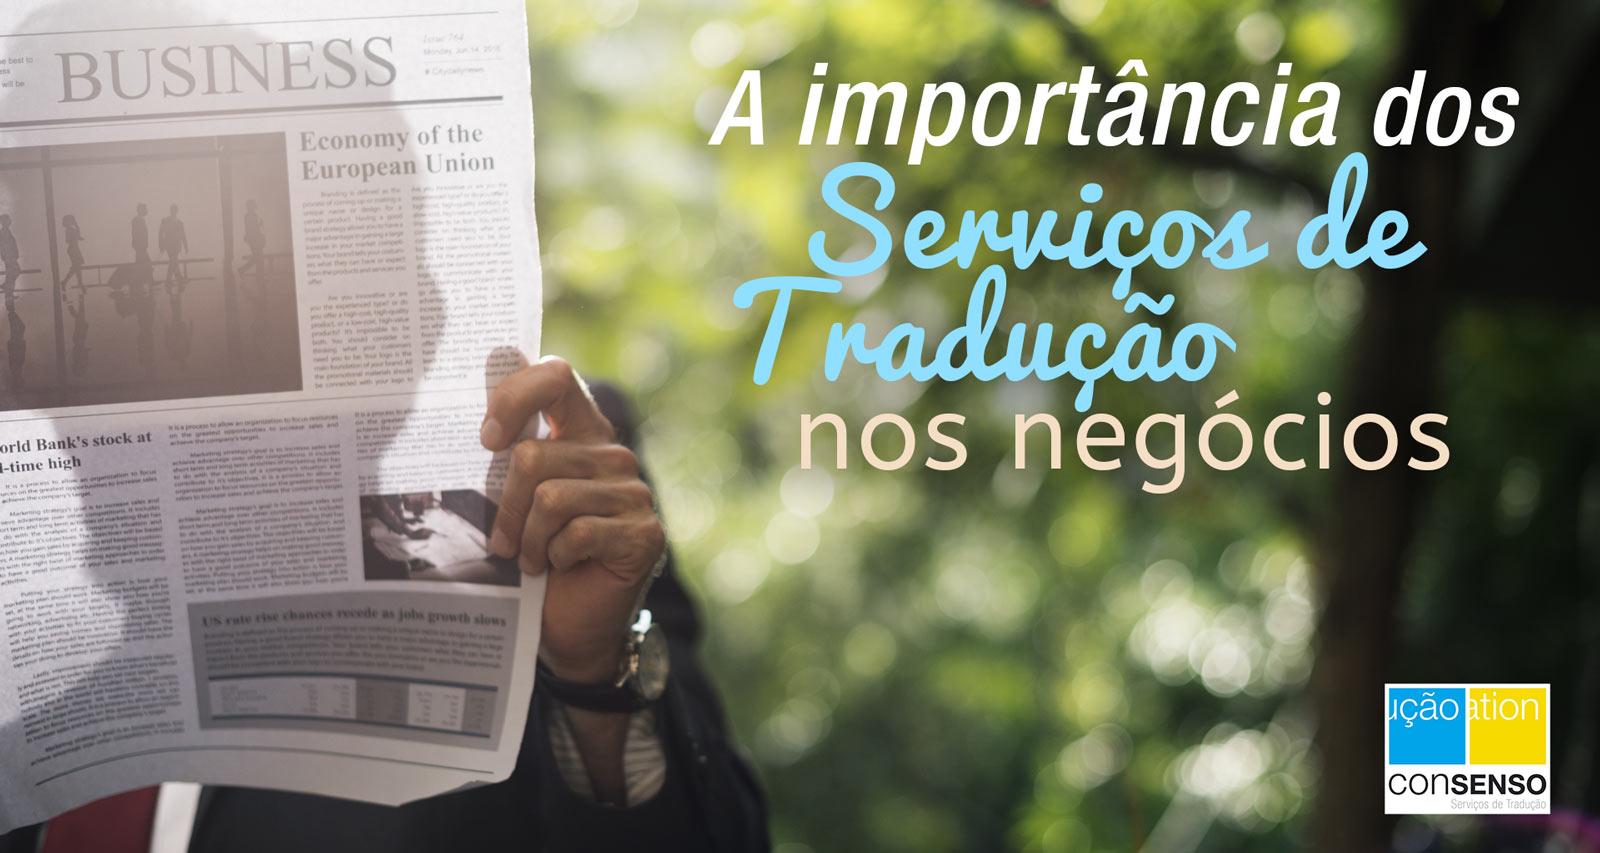 A importância dos serviços de tradução nos negócios - Consenso Global